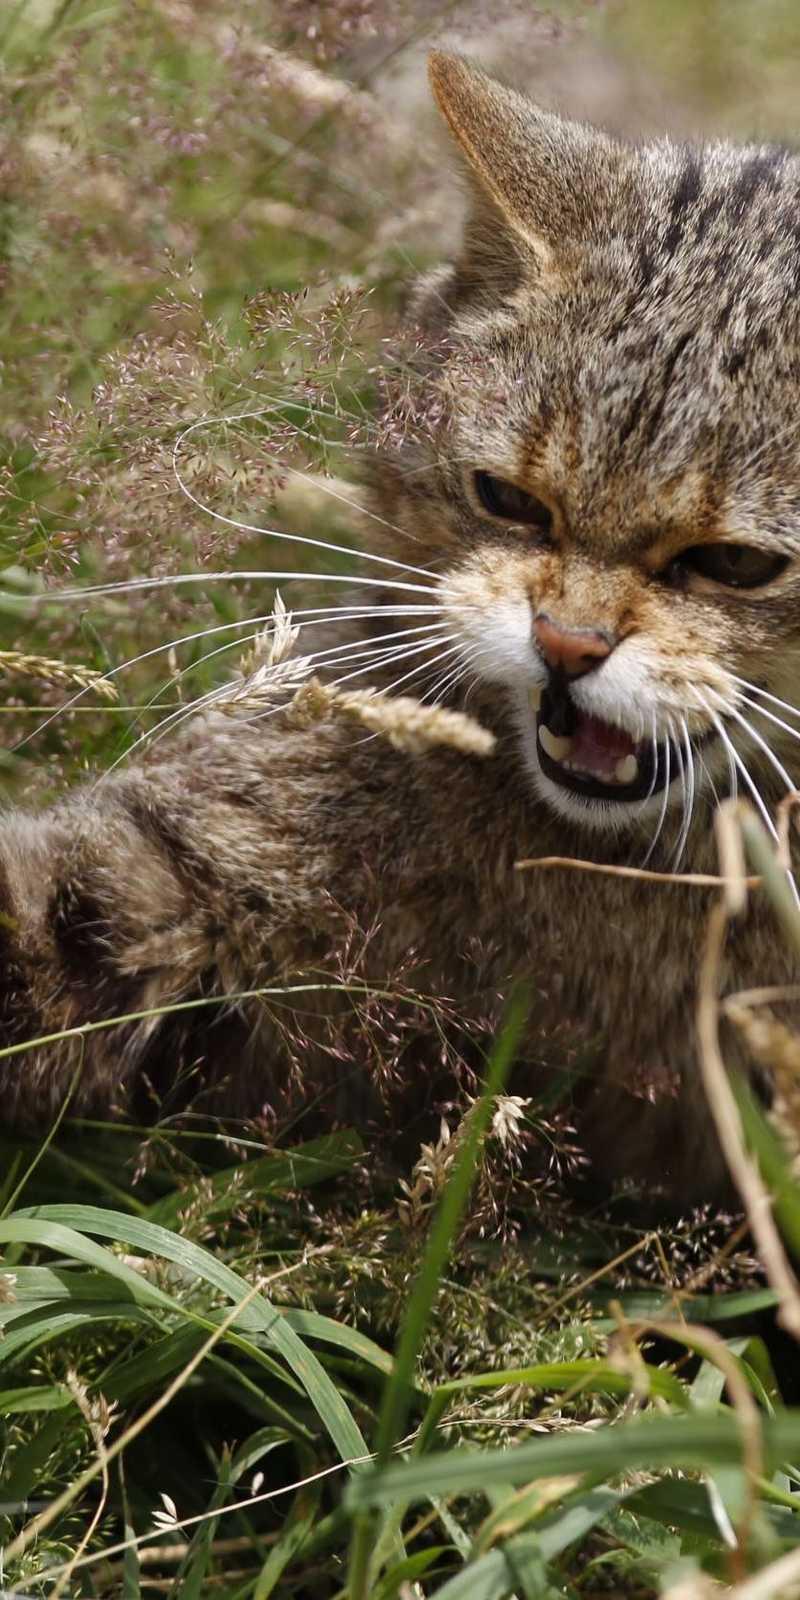 القط الإنجليزي الشرس يعود بعد 150 عاما من إعلان انقراضه أخبار سكاي نيوز عربية